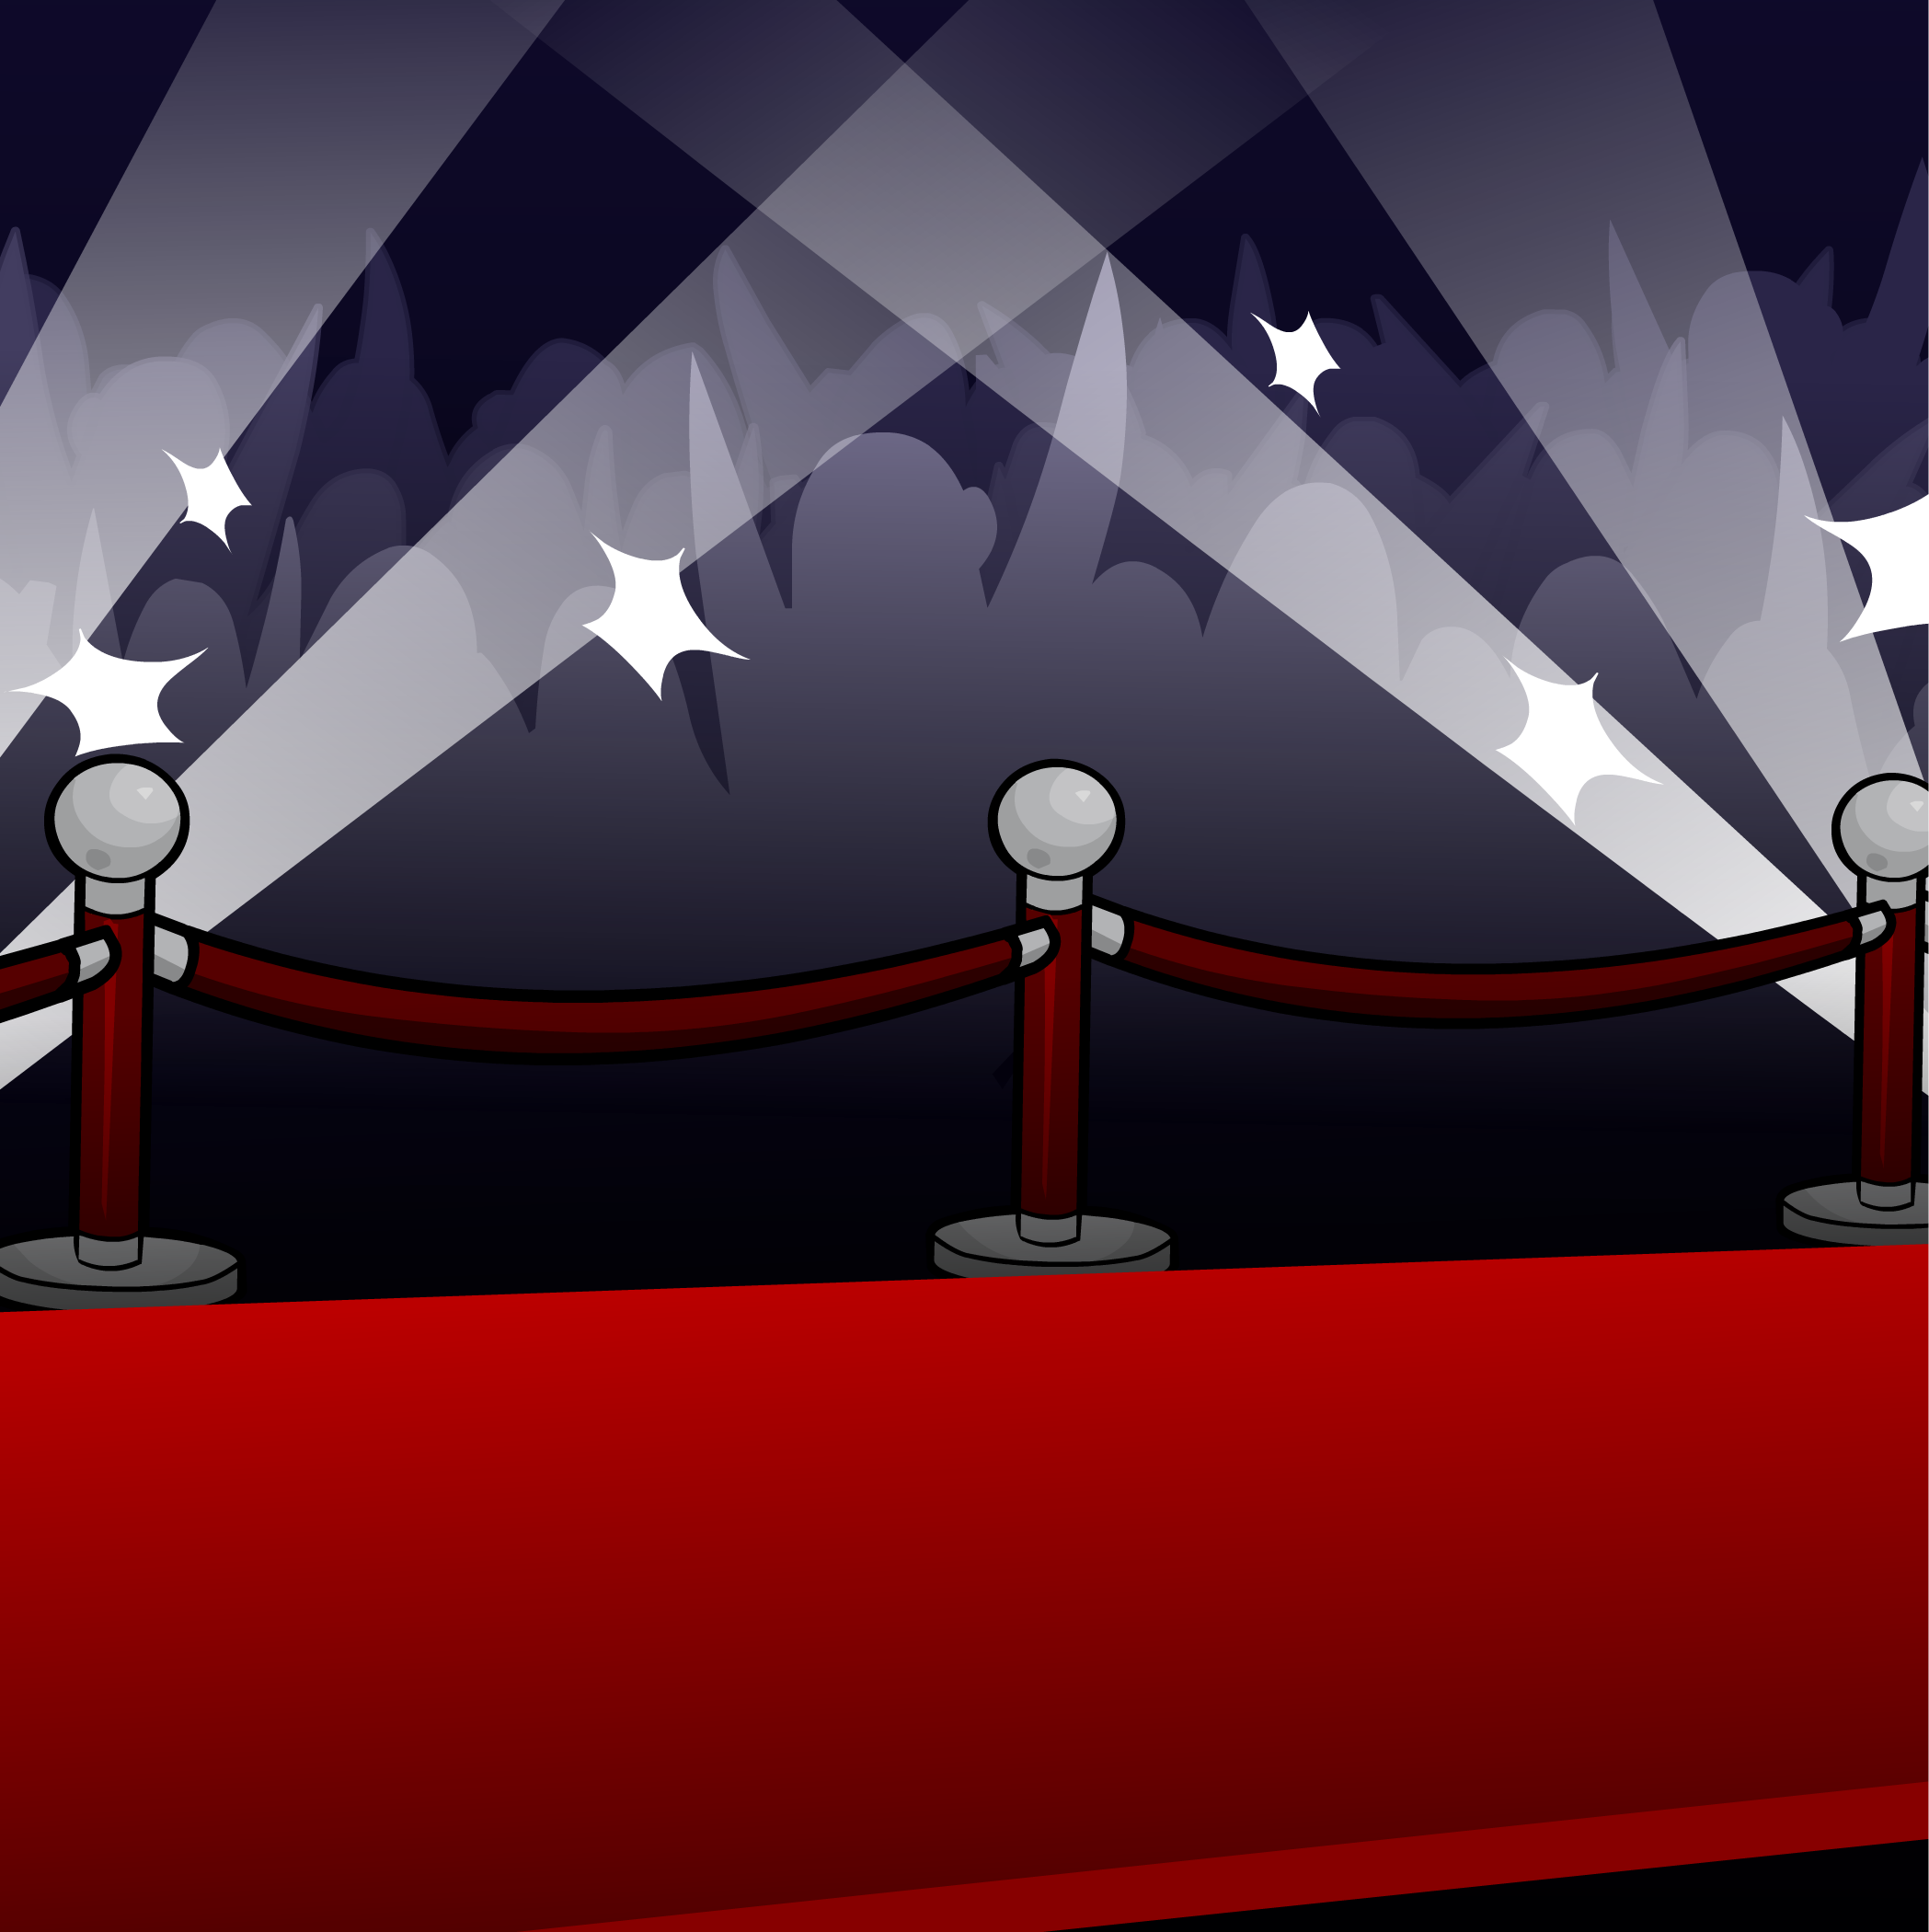 Awards Background